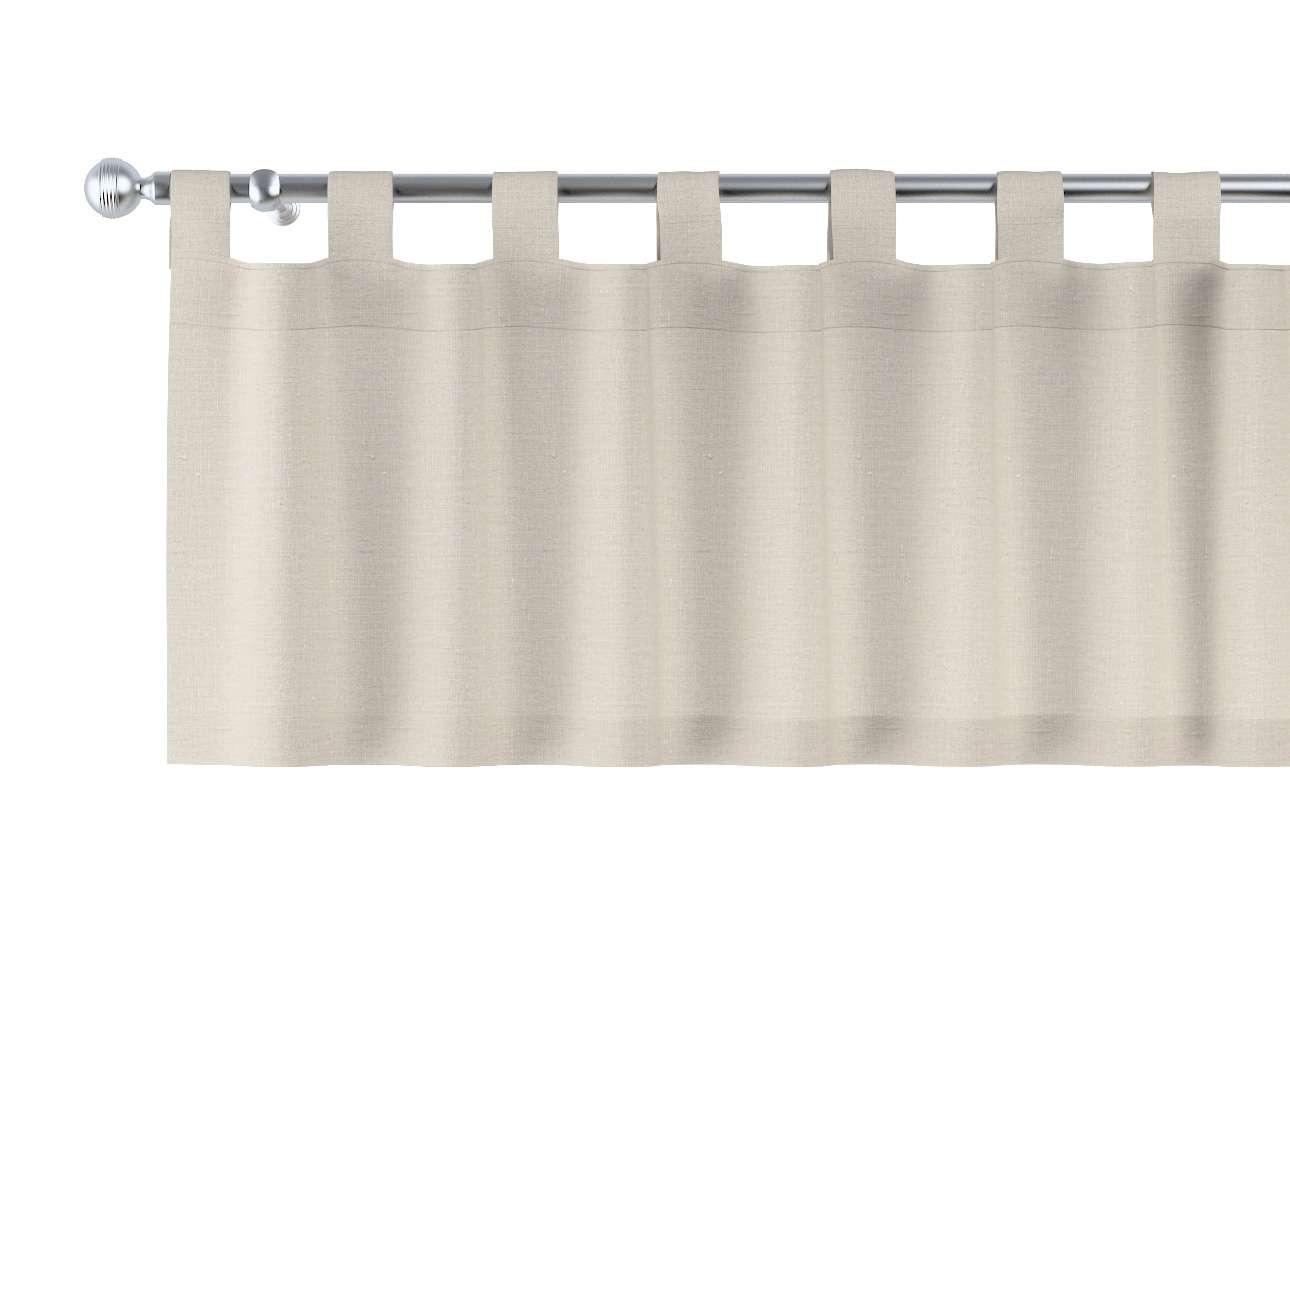 Kurzgardine mit Schlaufen 130x40cm von der Kollektion Leinen, Stoff: 392-05